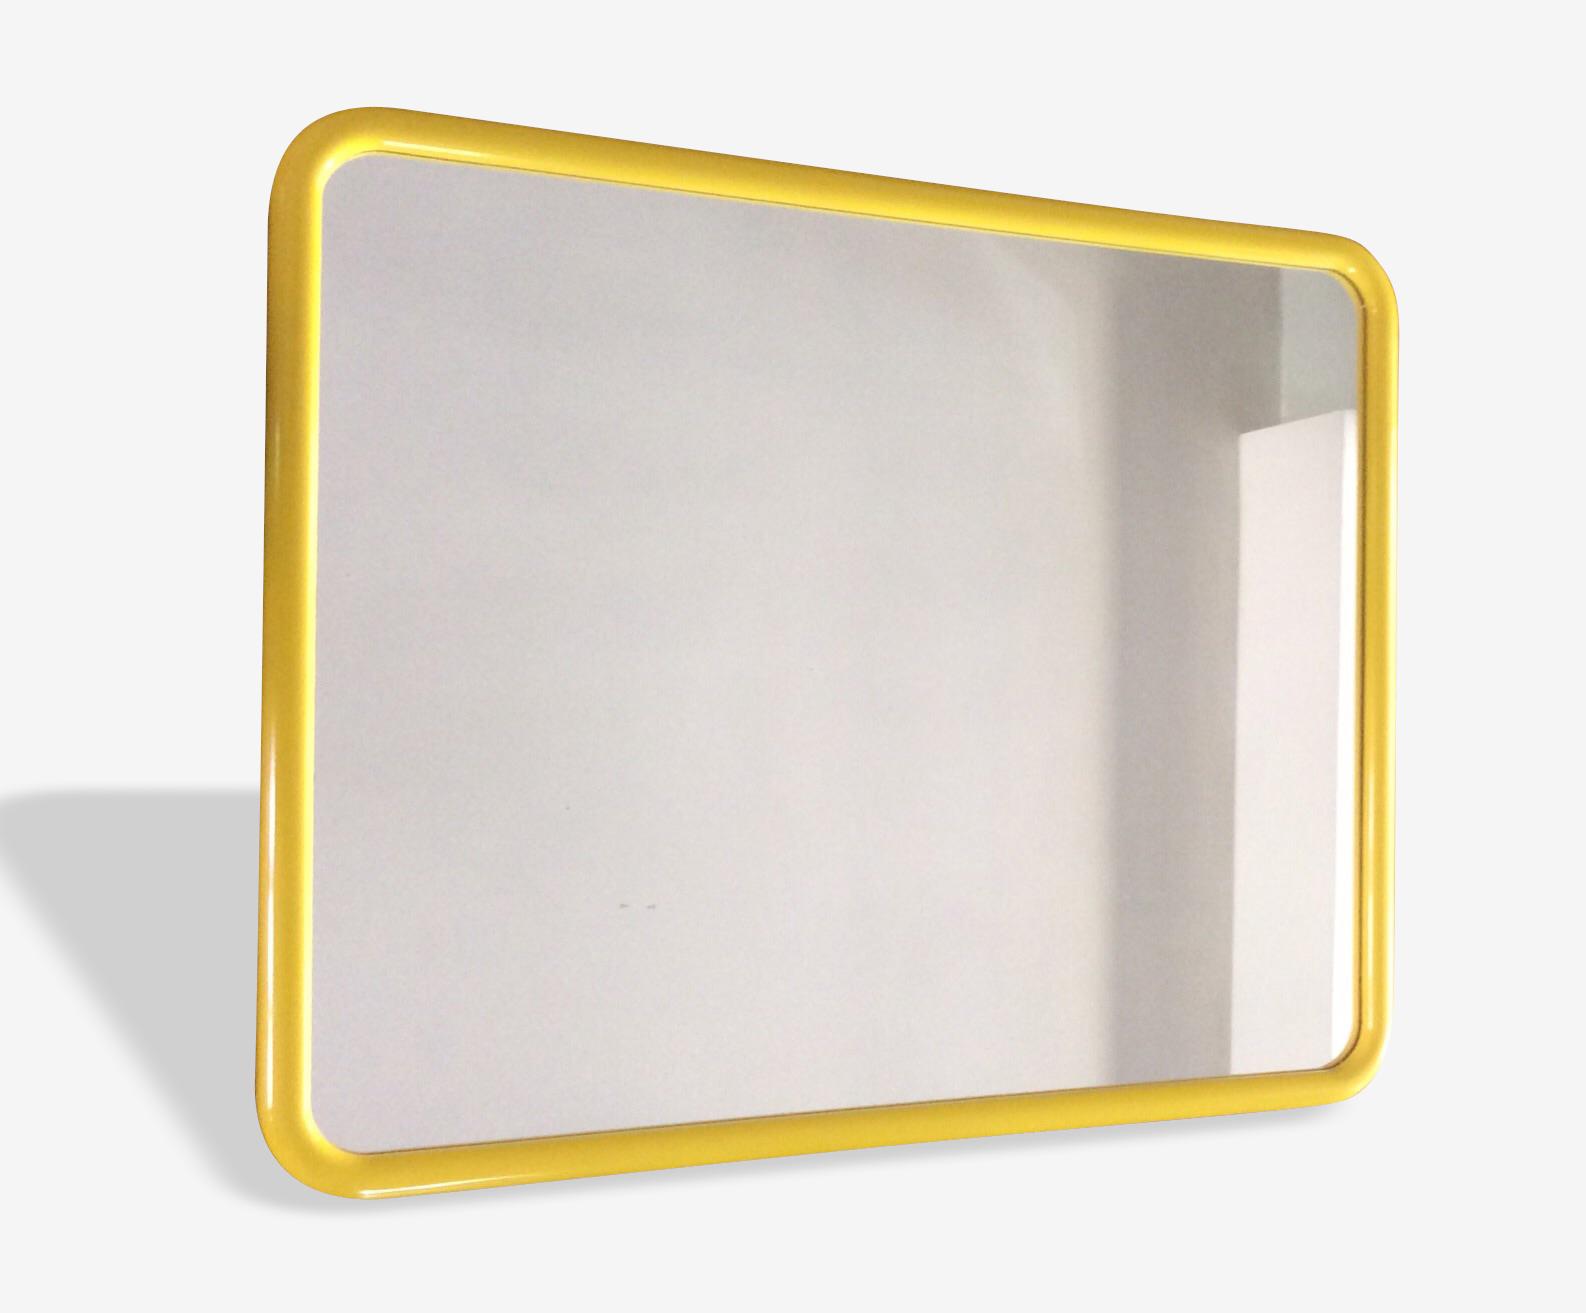 Miroir plastique jaune